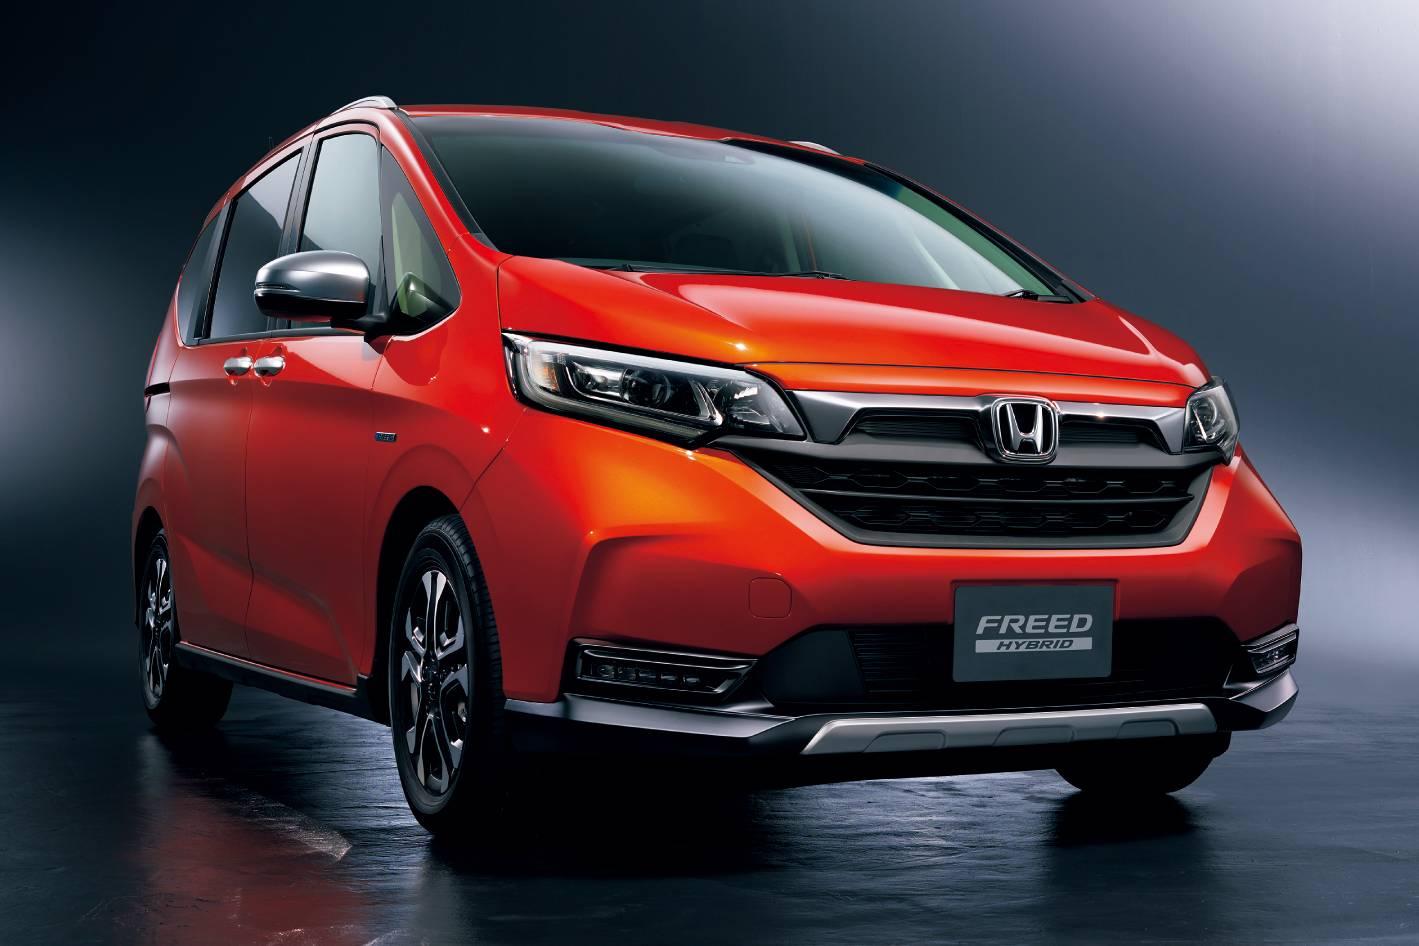 Kelebihan Honda Jazz Terbaru 2019 Murah Berkualitas